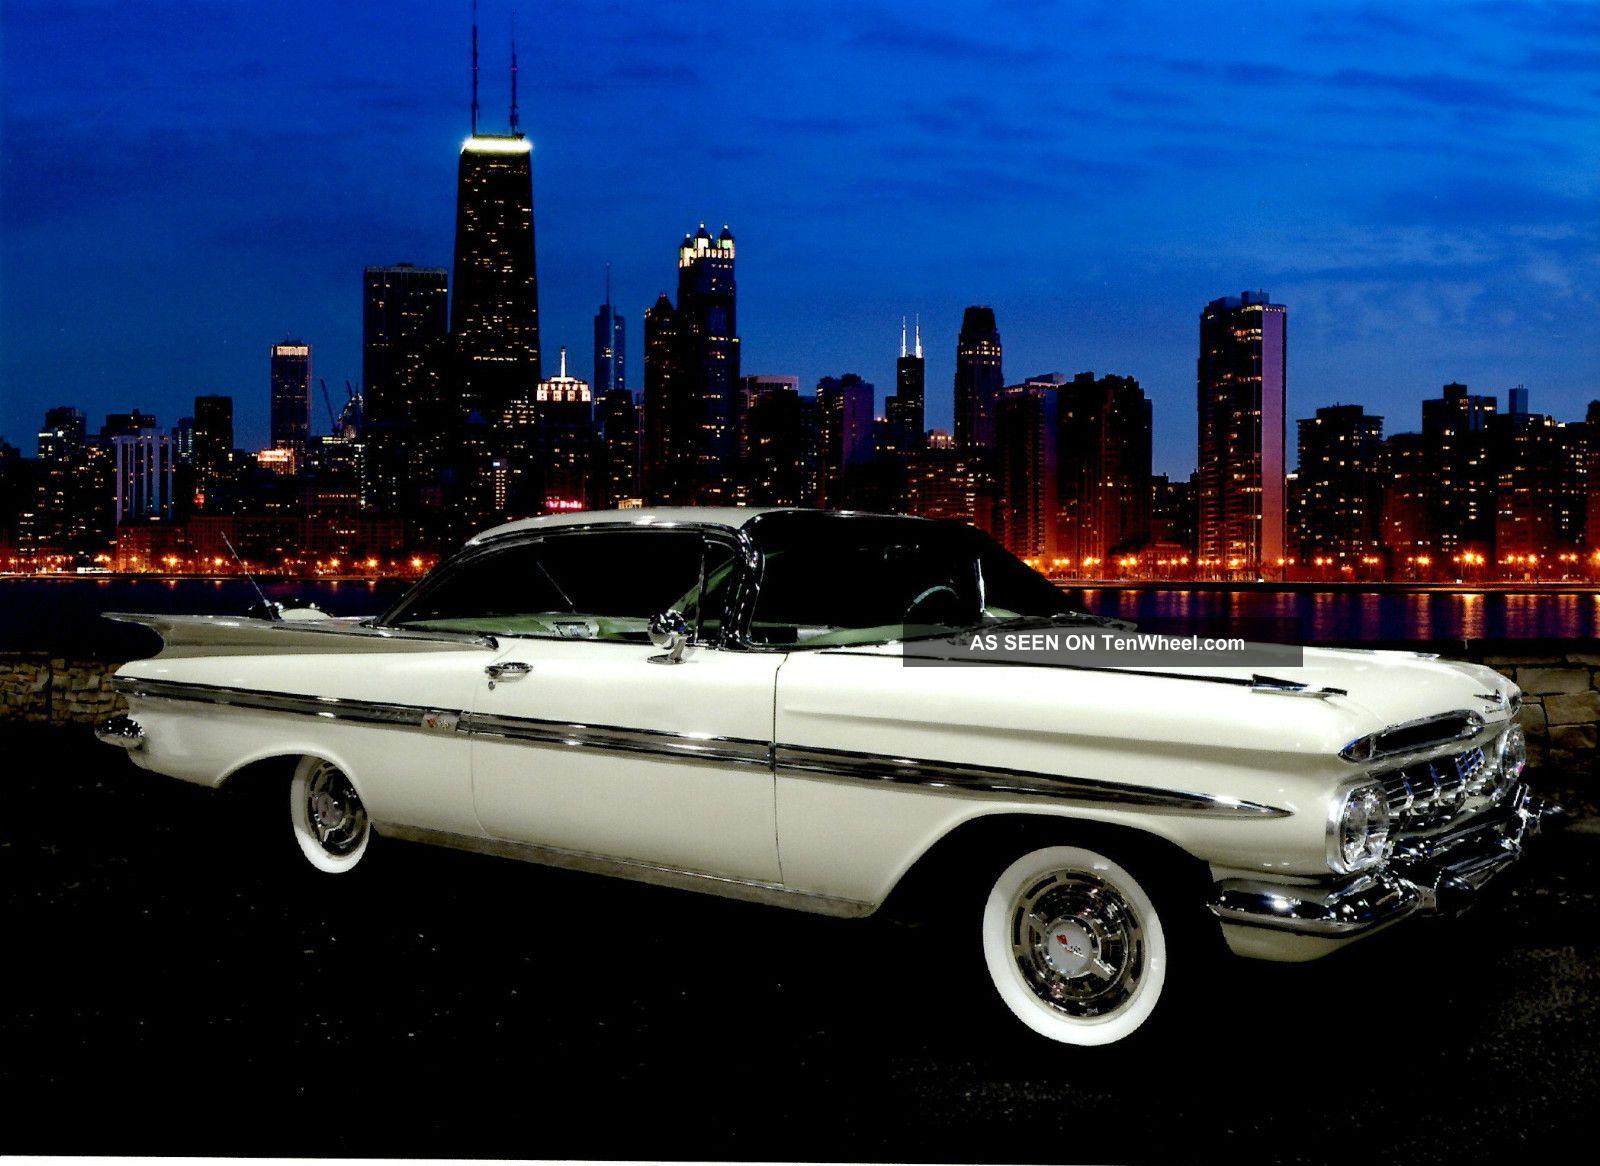 1959 Impala Sport Coupe - Restomod Impala photo